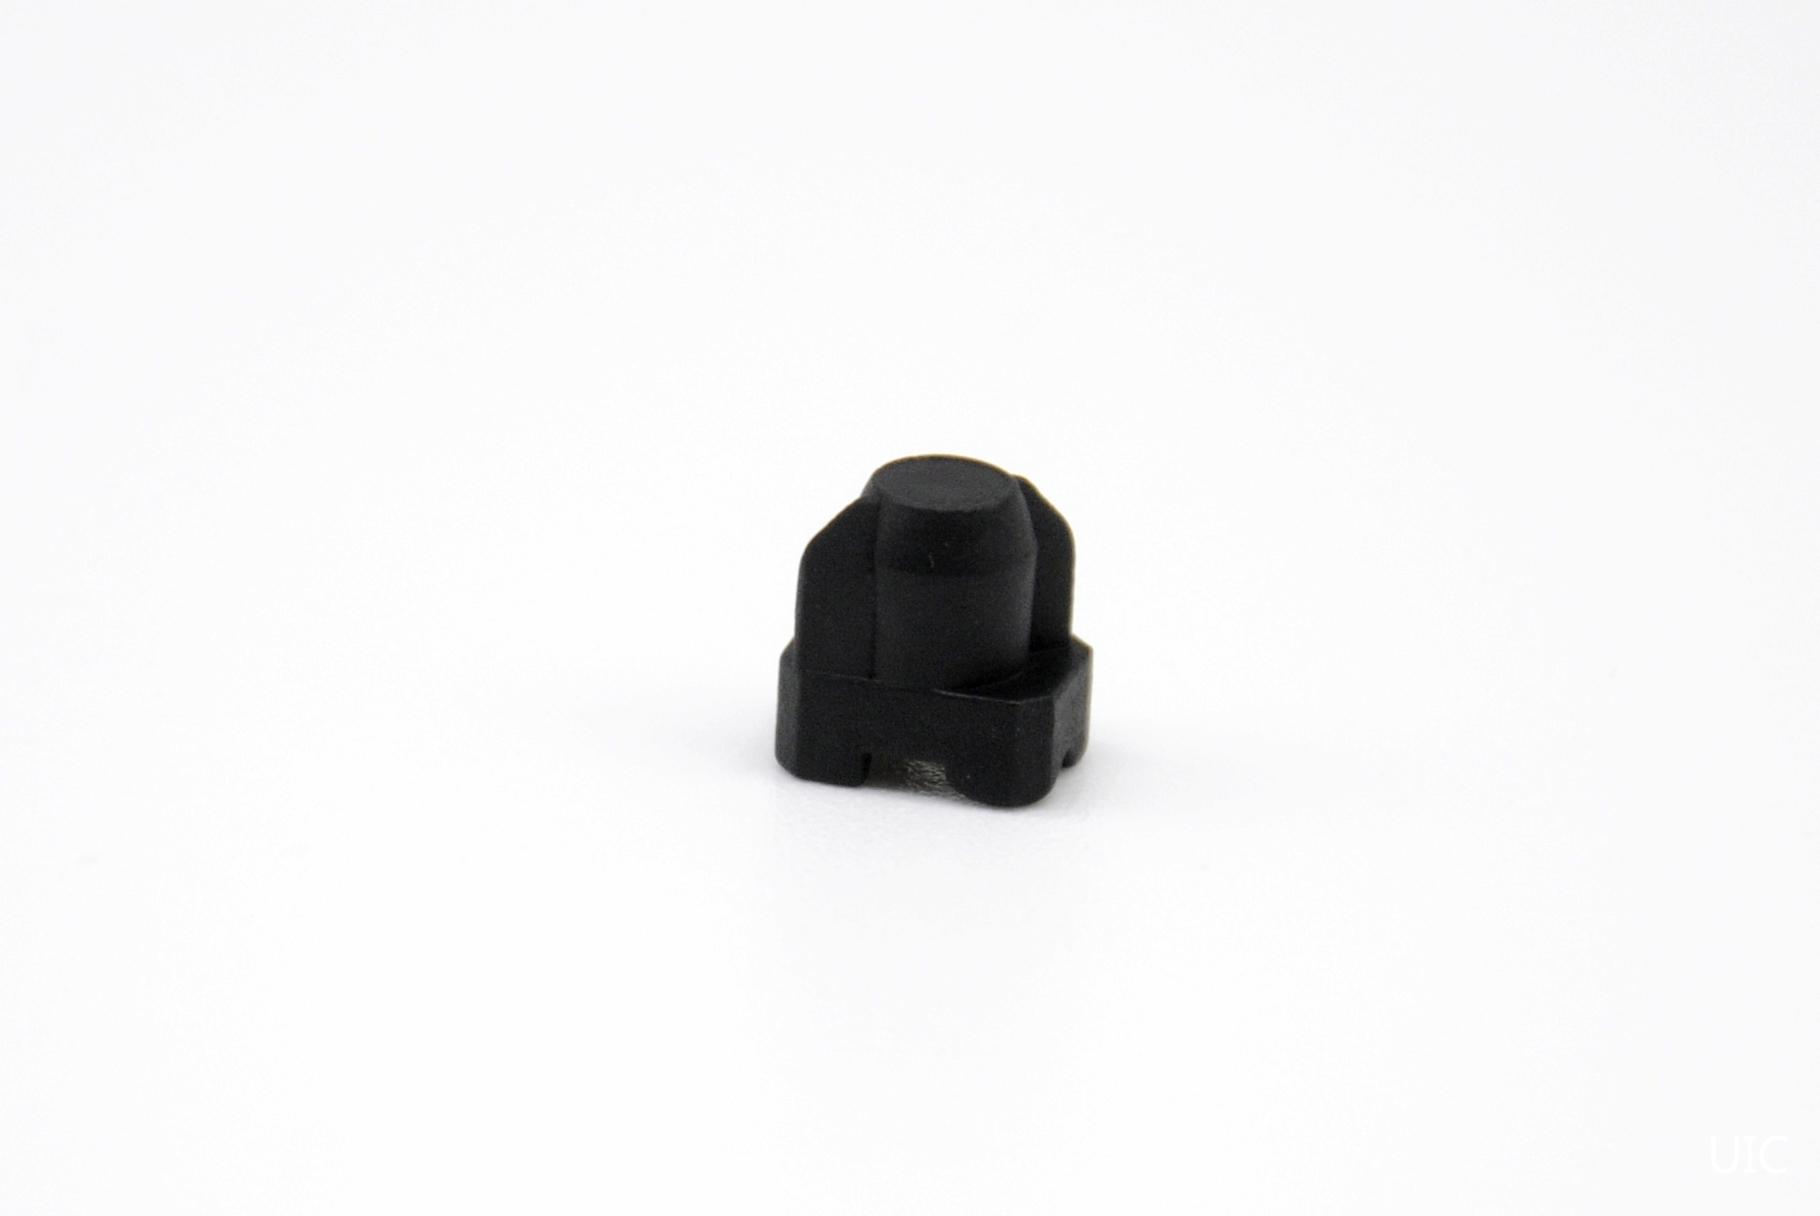 47356403立式插件压料头黑-1.jpg